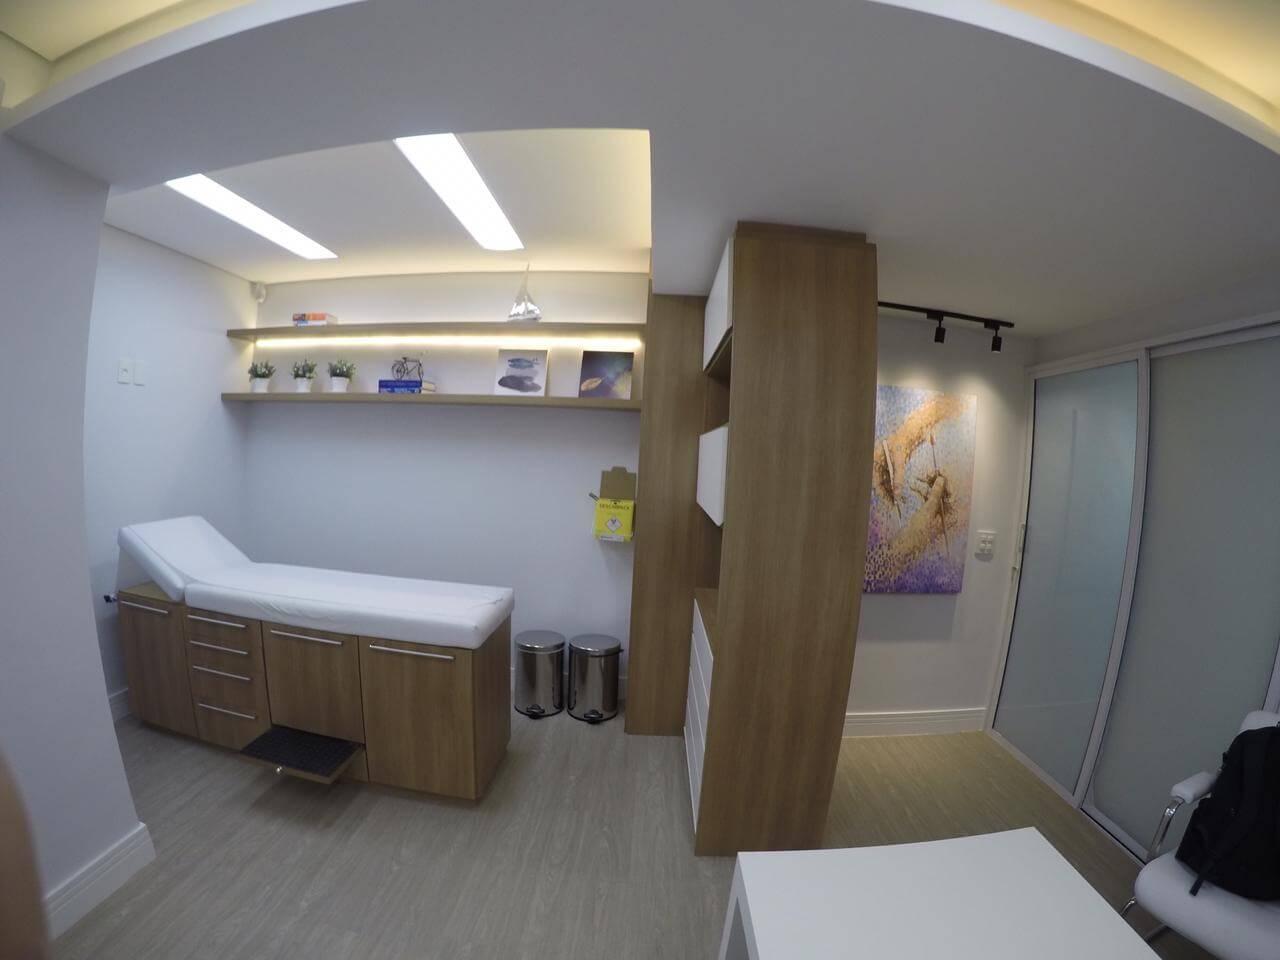 clínica de Ortopedia especializada em mão